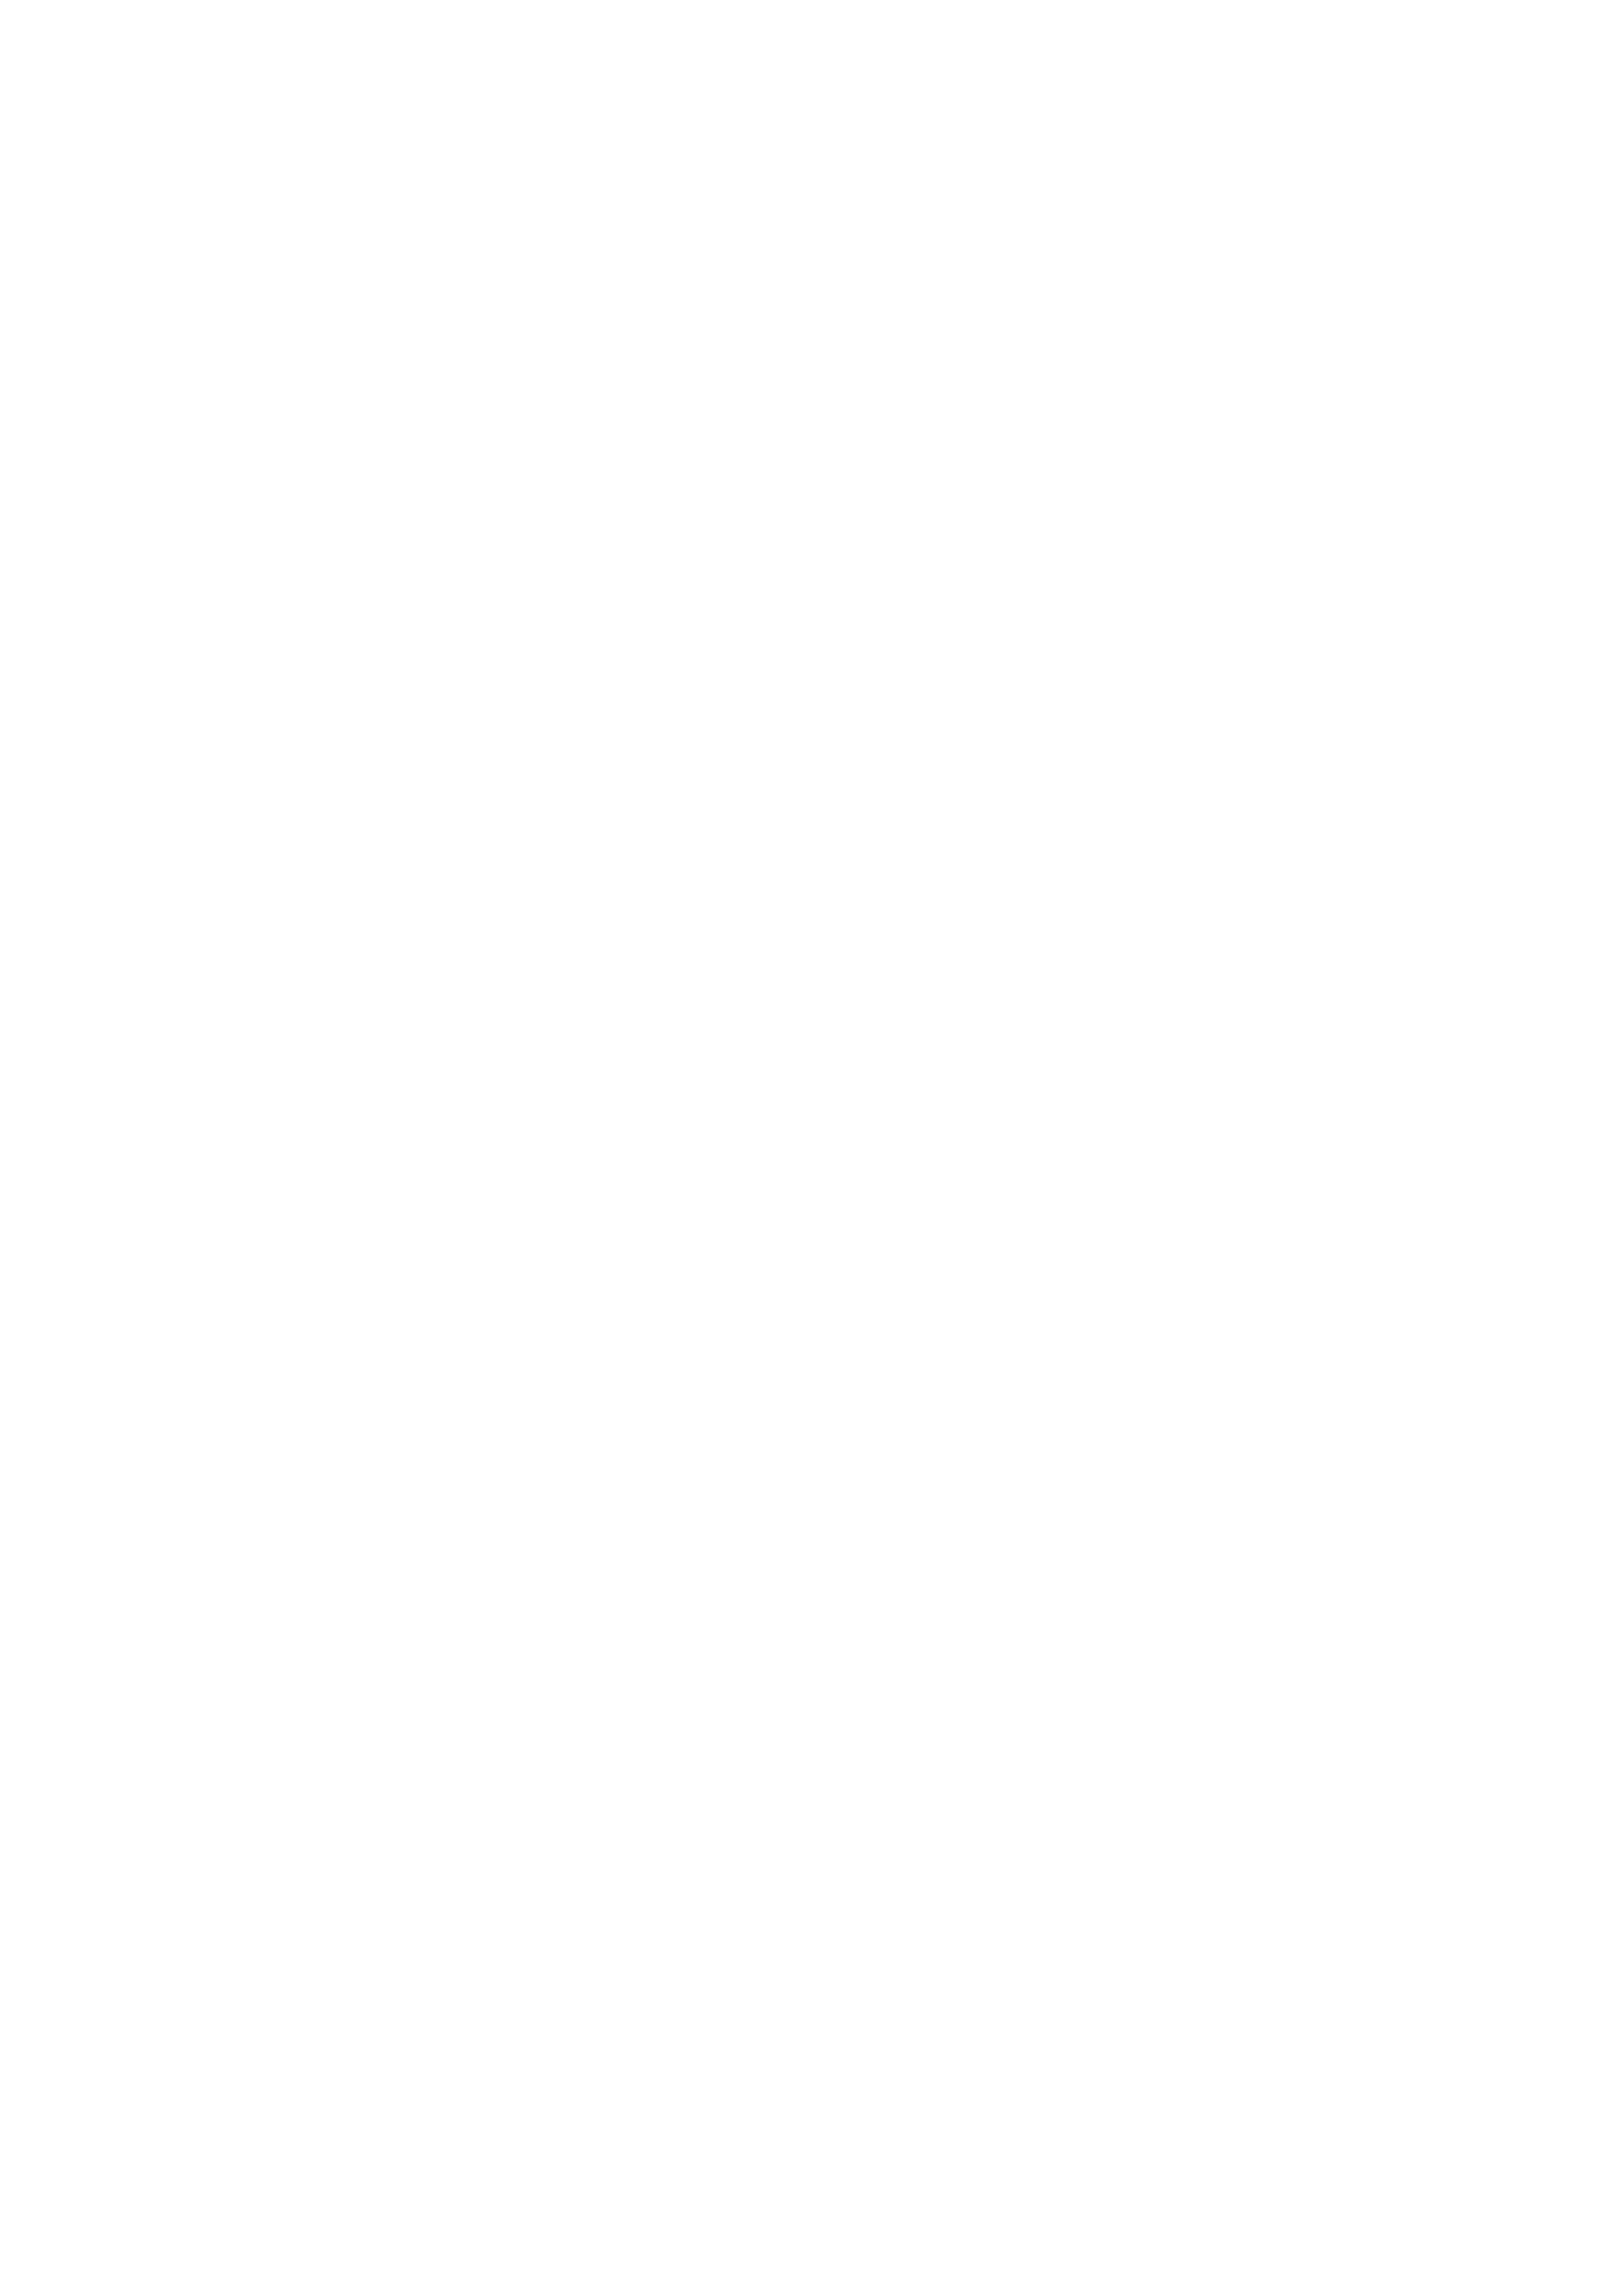 ビスケティーナ~Star Sprinkles~レーベルショップ秋葉原オープン7周年記念モデル (アゾンダイレクトストア限定販売)